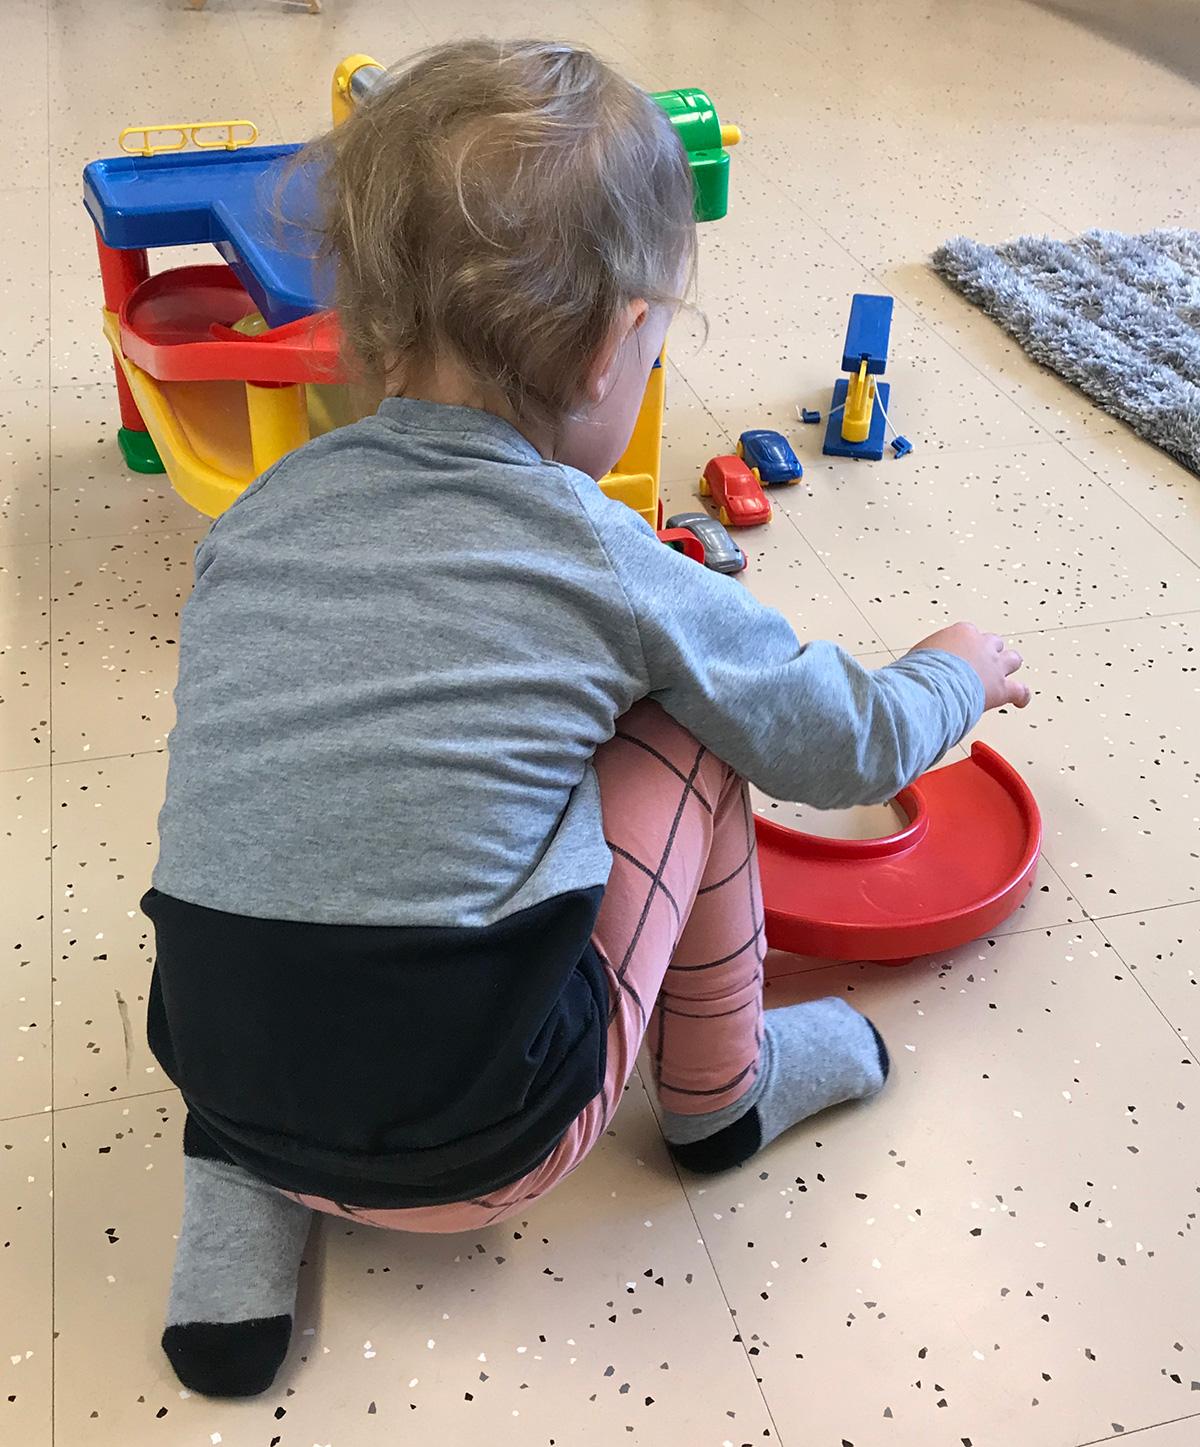 lasten-puheterapia2.jpg